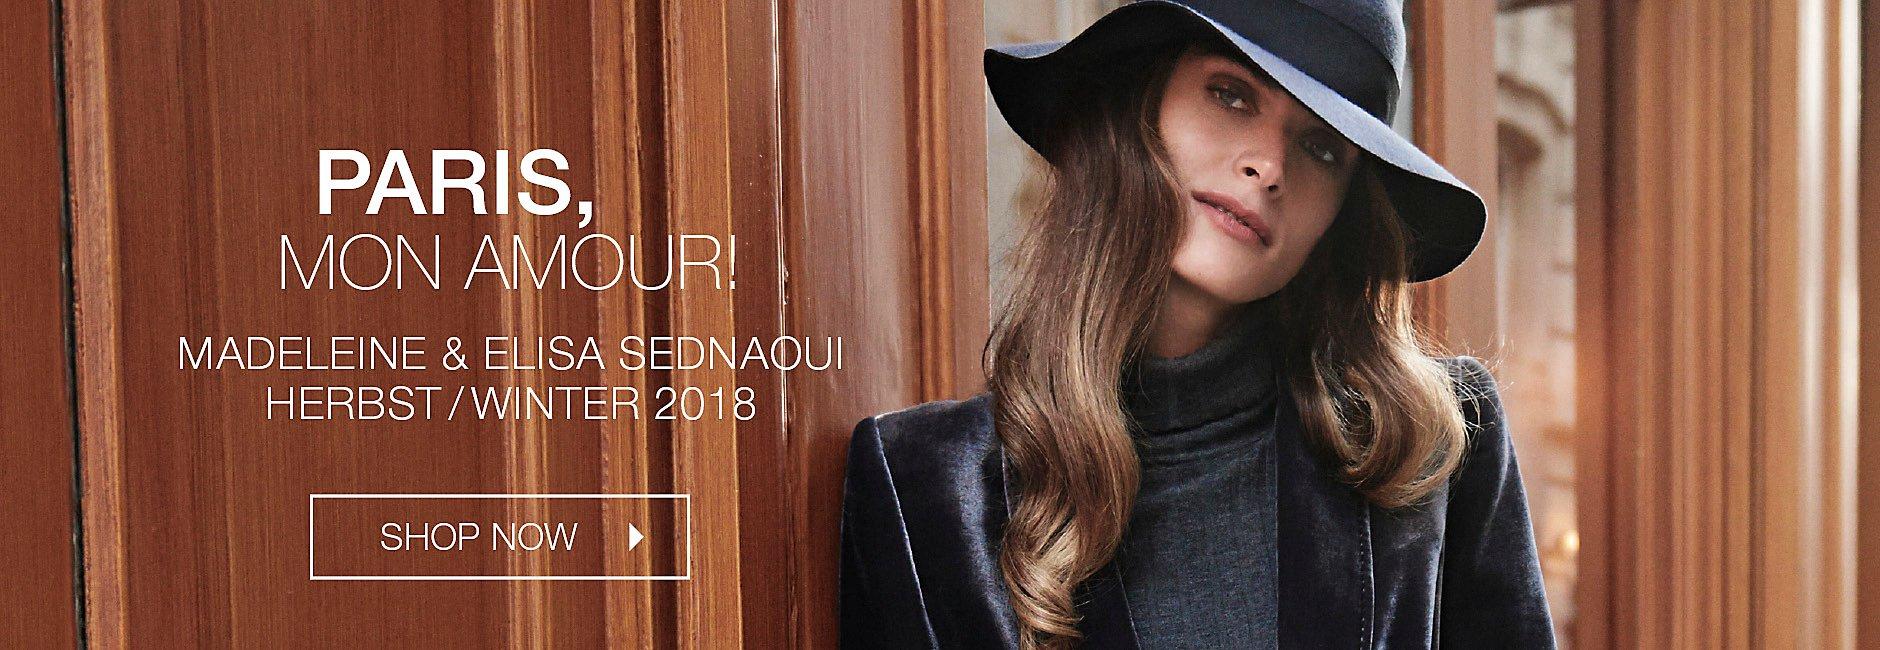 Entdecken Sie den Pariser Modestil